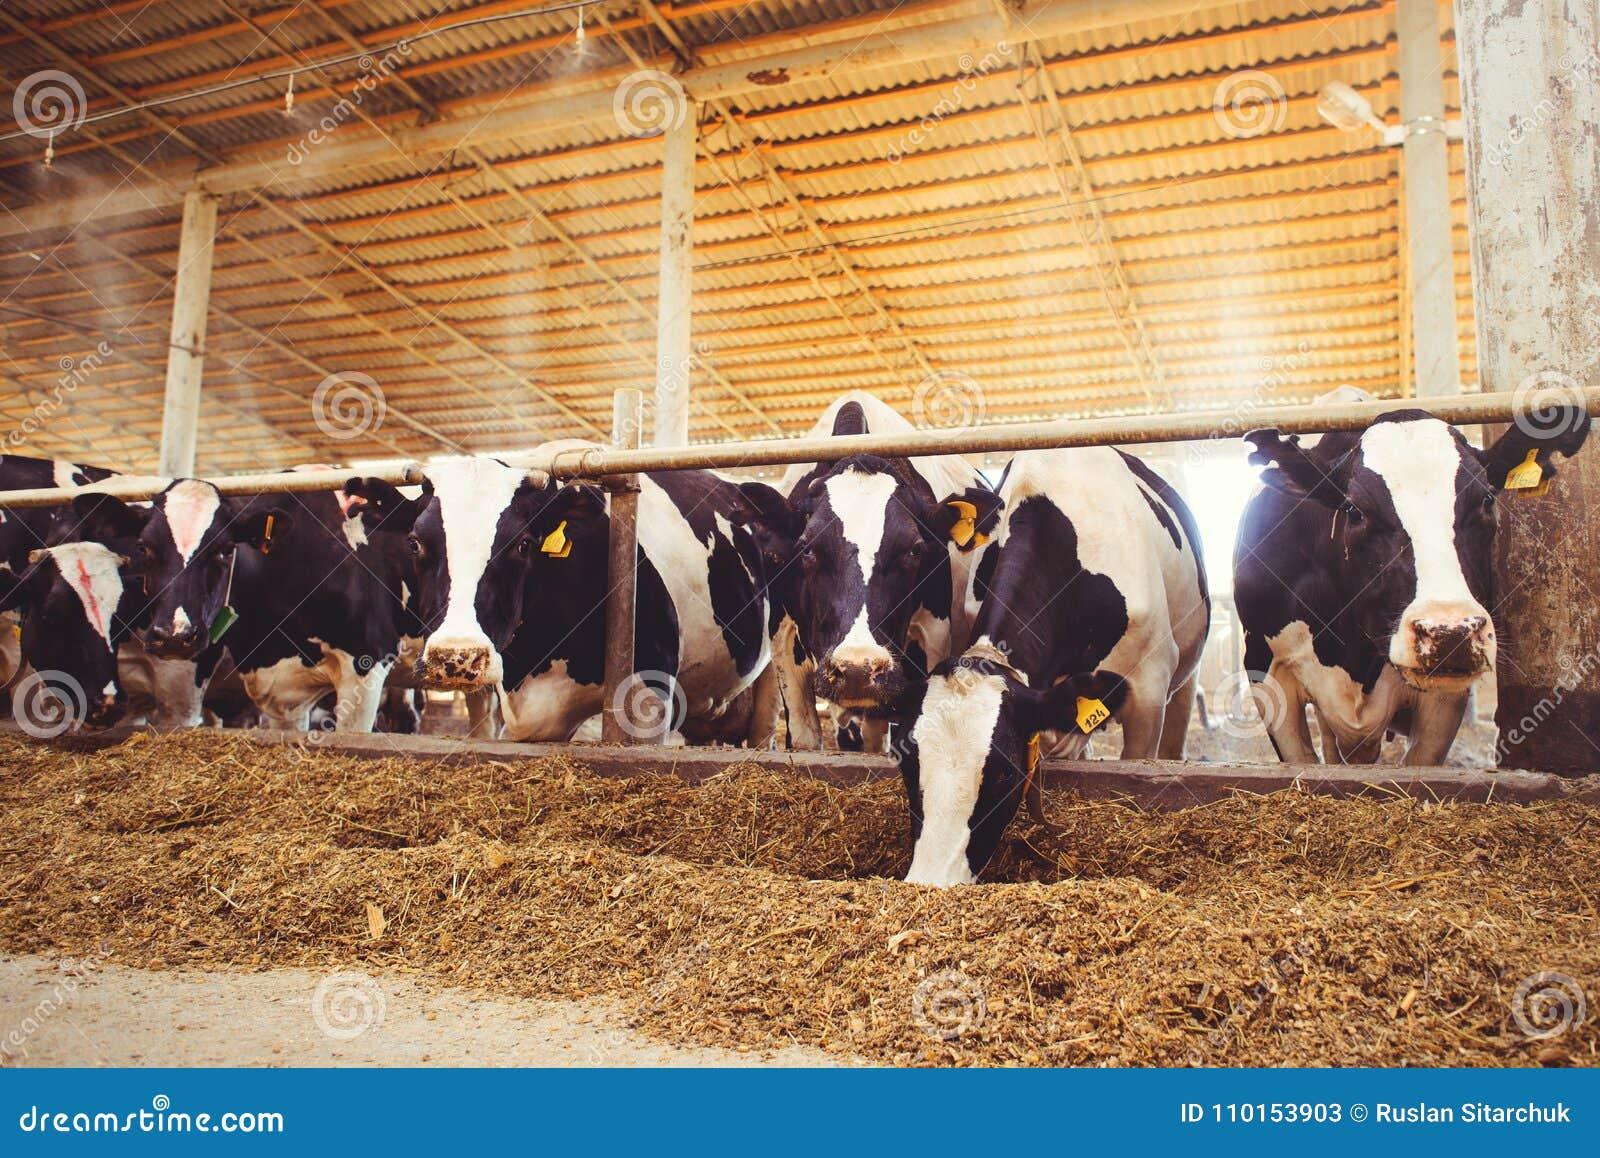 Schüchtern Sie Bauernhofkonzept der Landwirtschaft, die Landwirtschaft und Viehbestand - eine Herde von Kühen ein, die Heu in ein